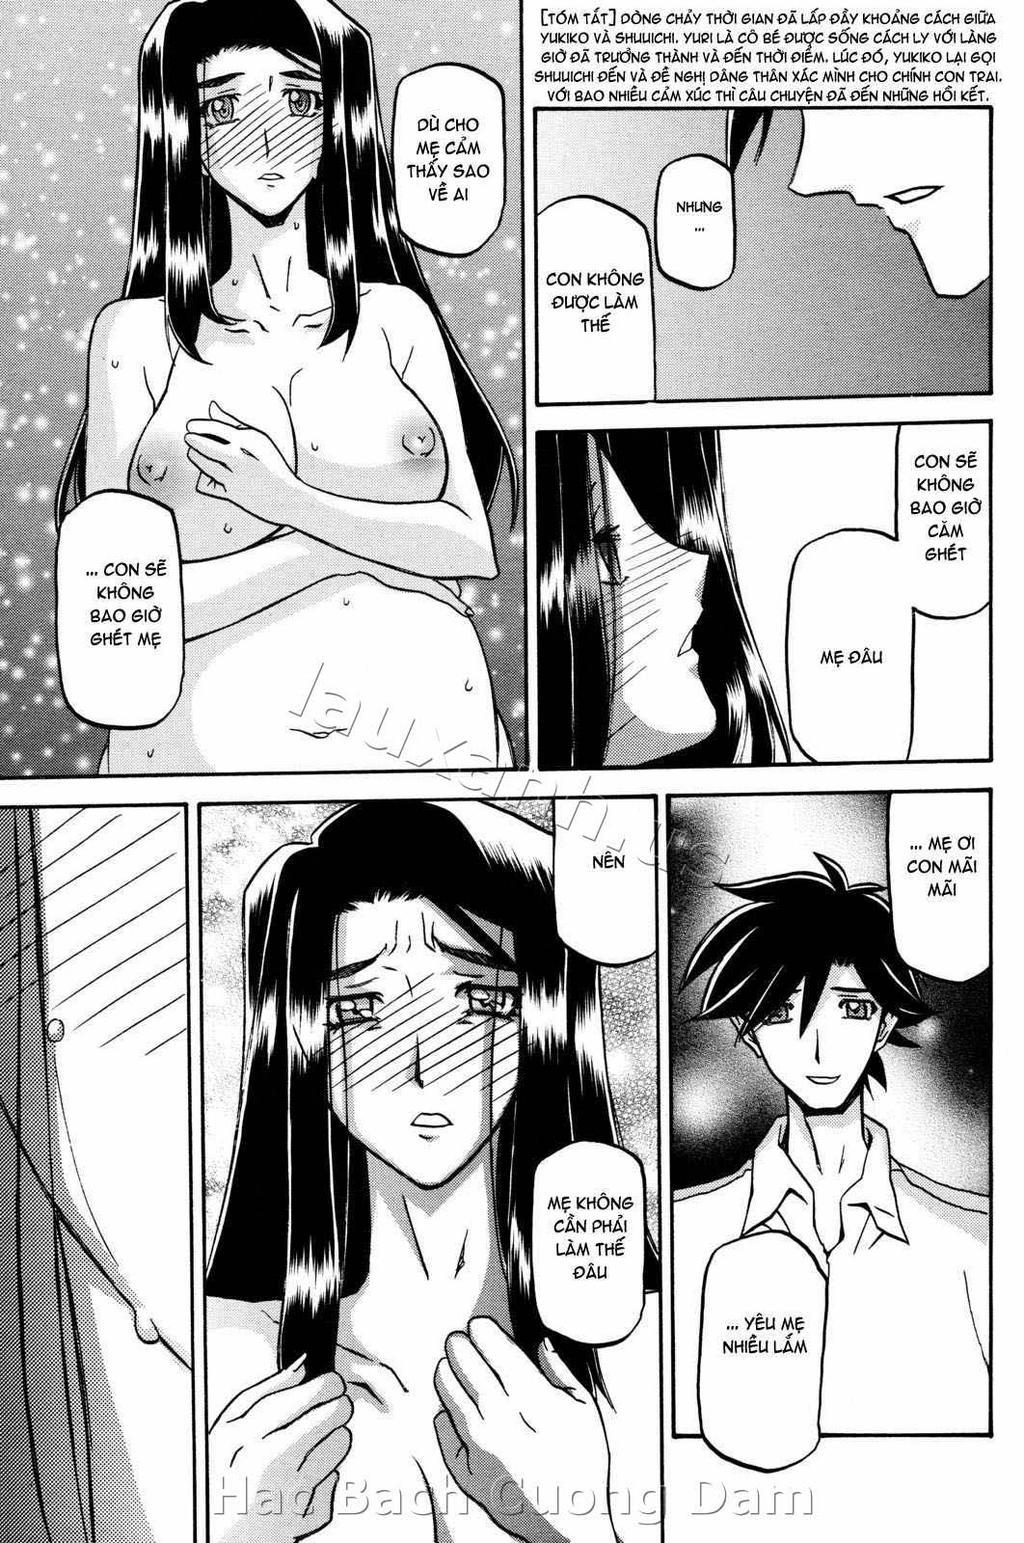 Hình ảnh hentailxers.blogspot.com0152 trong bài viết Manga H Sayuki no Sato